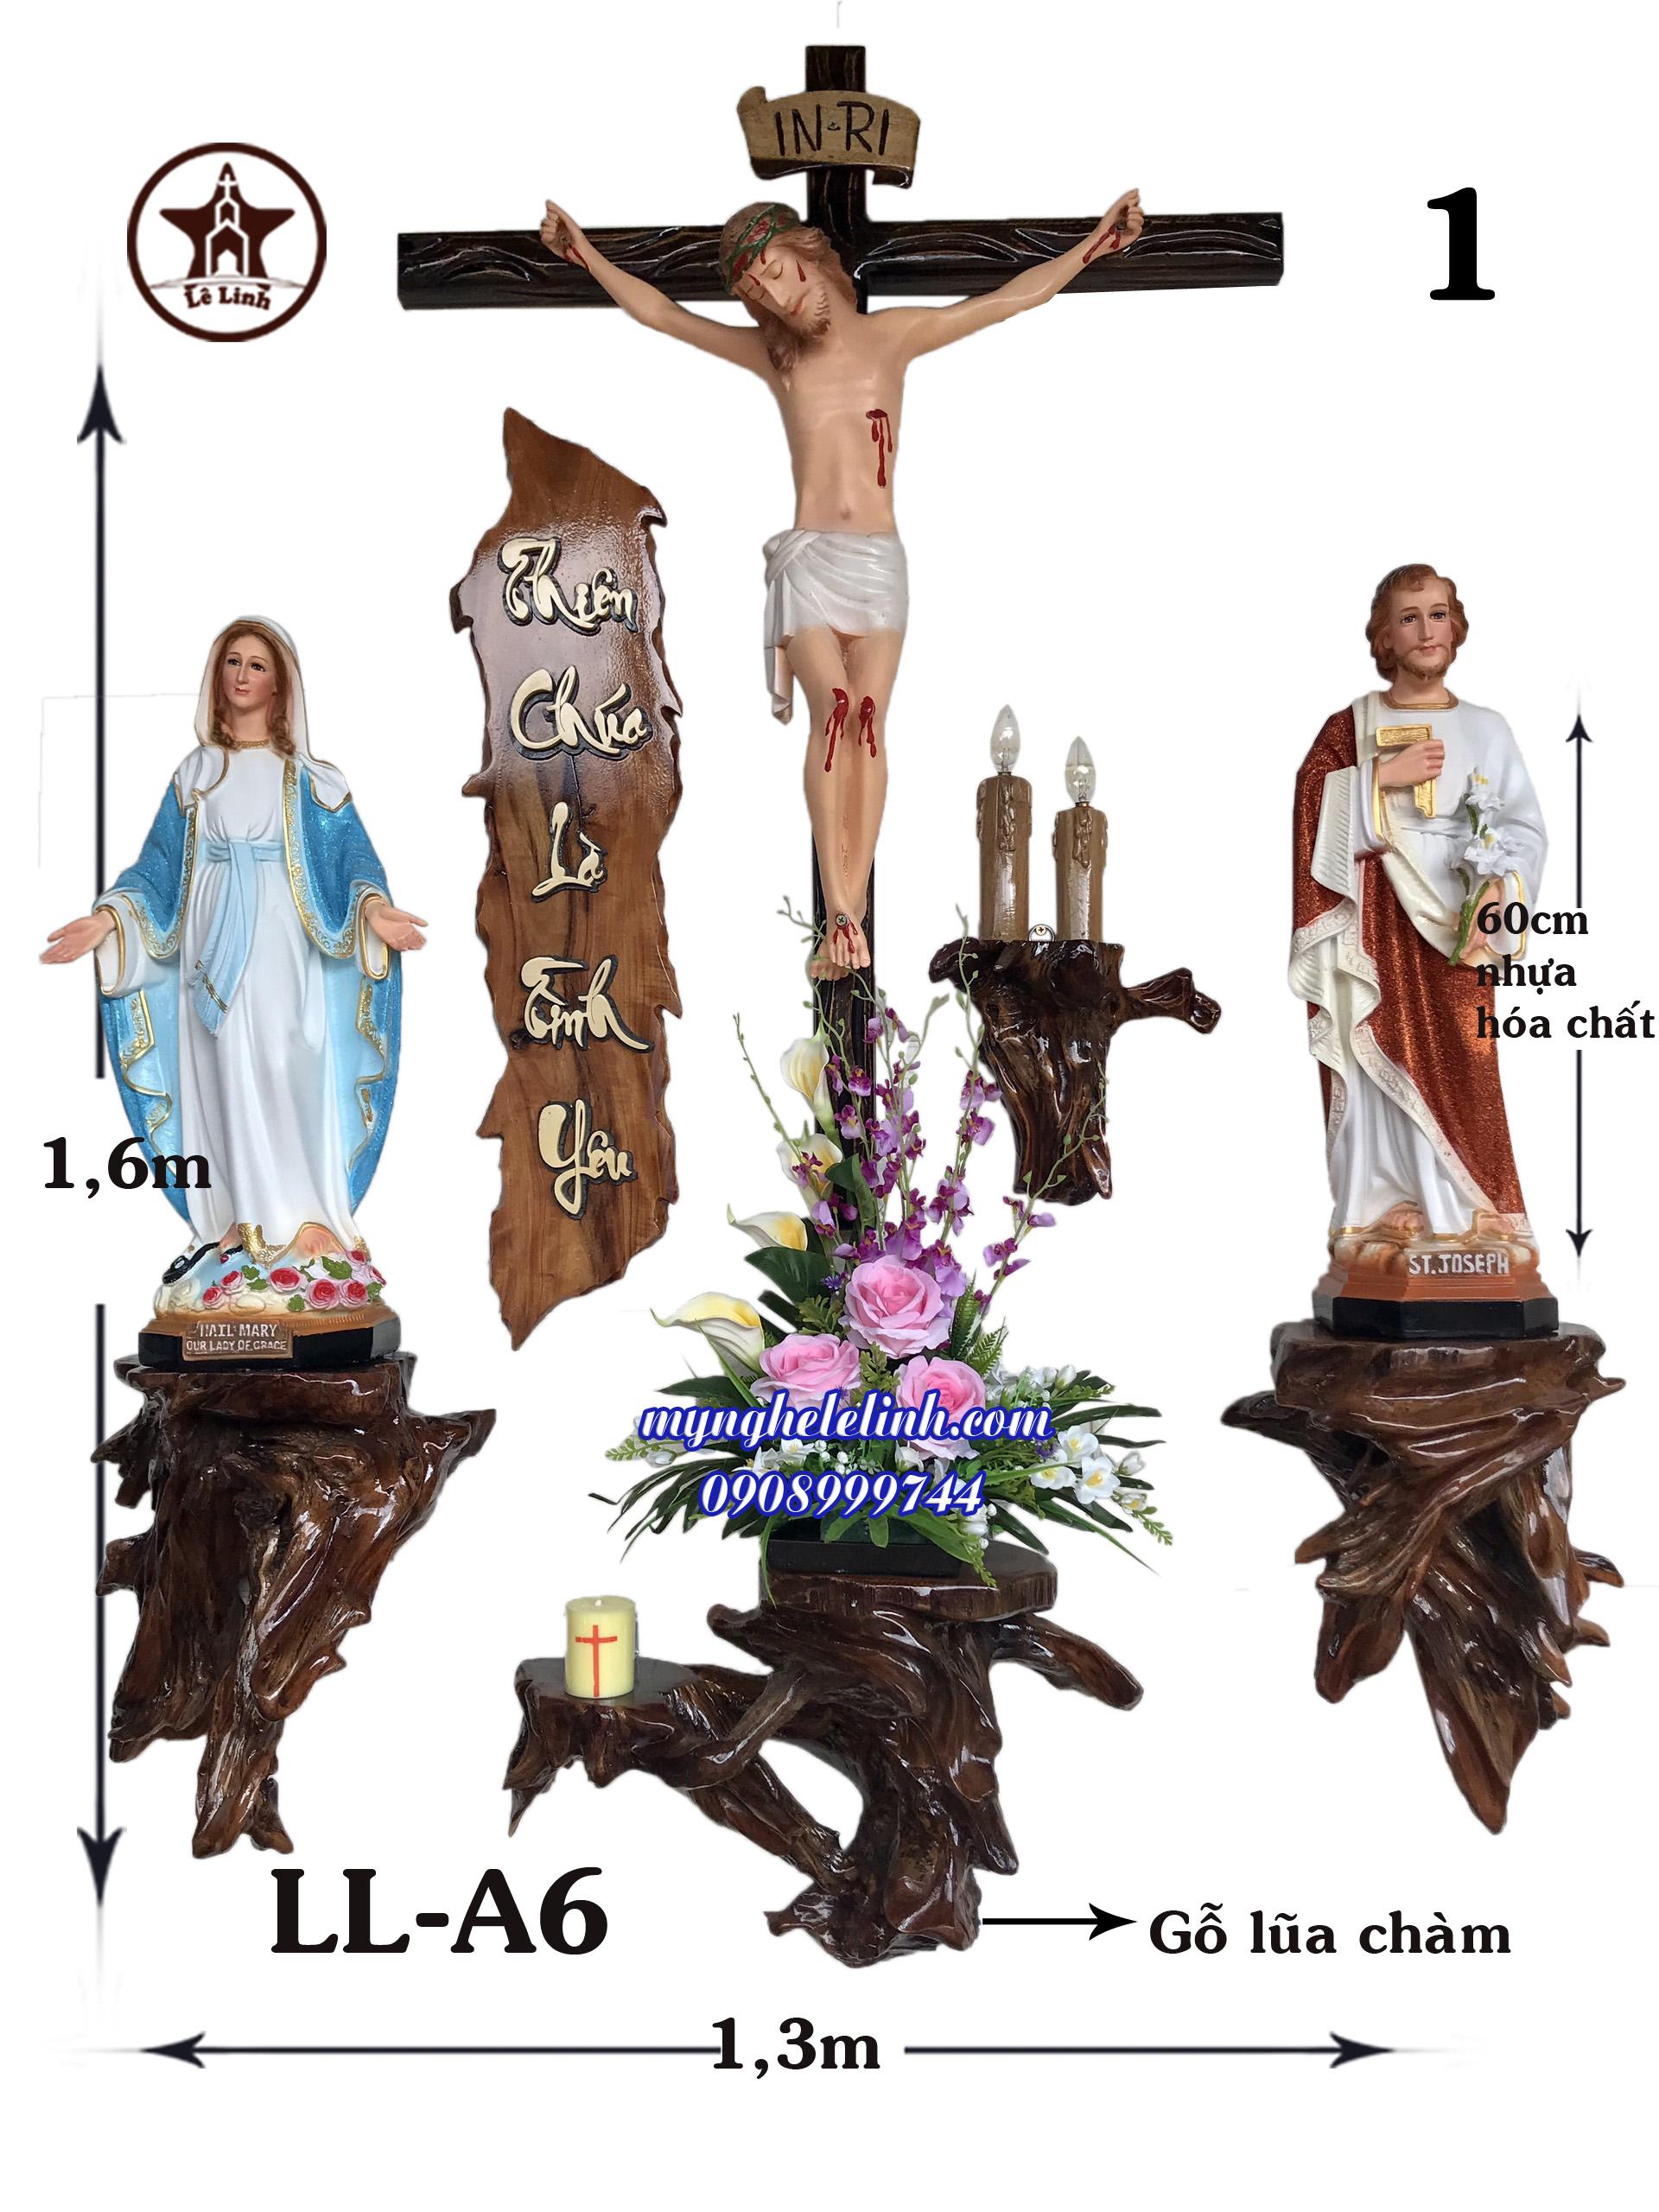 Bàn thờ công giáo LL-6A